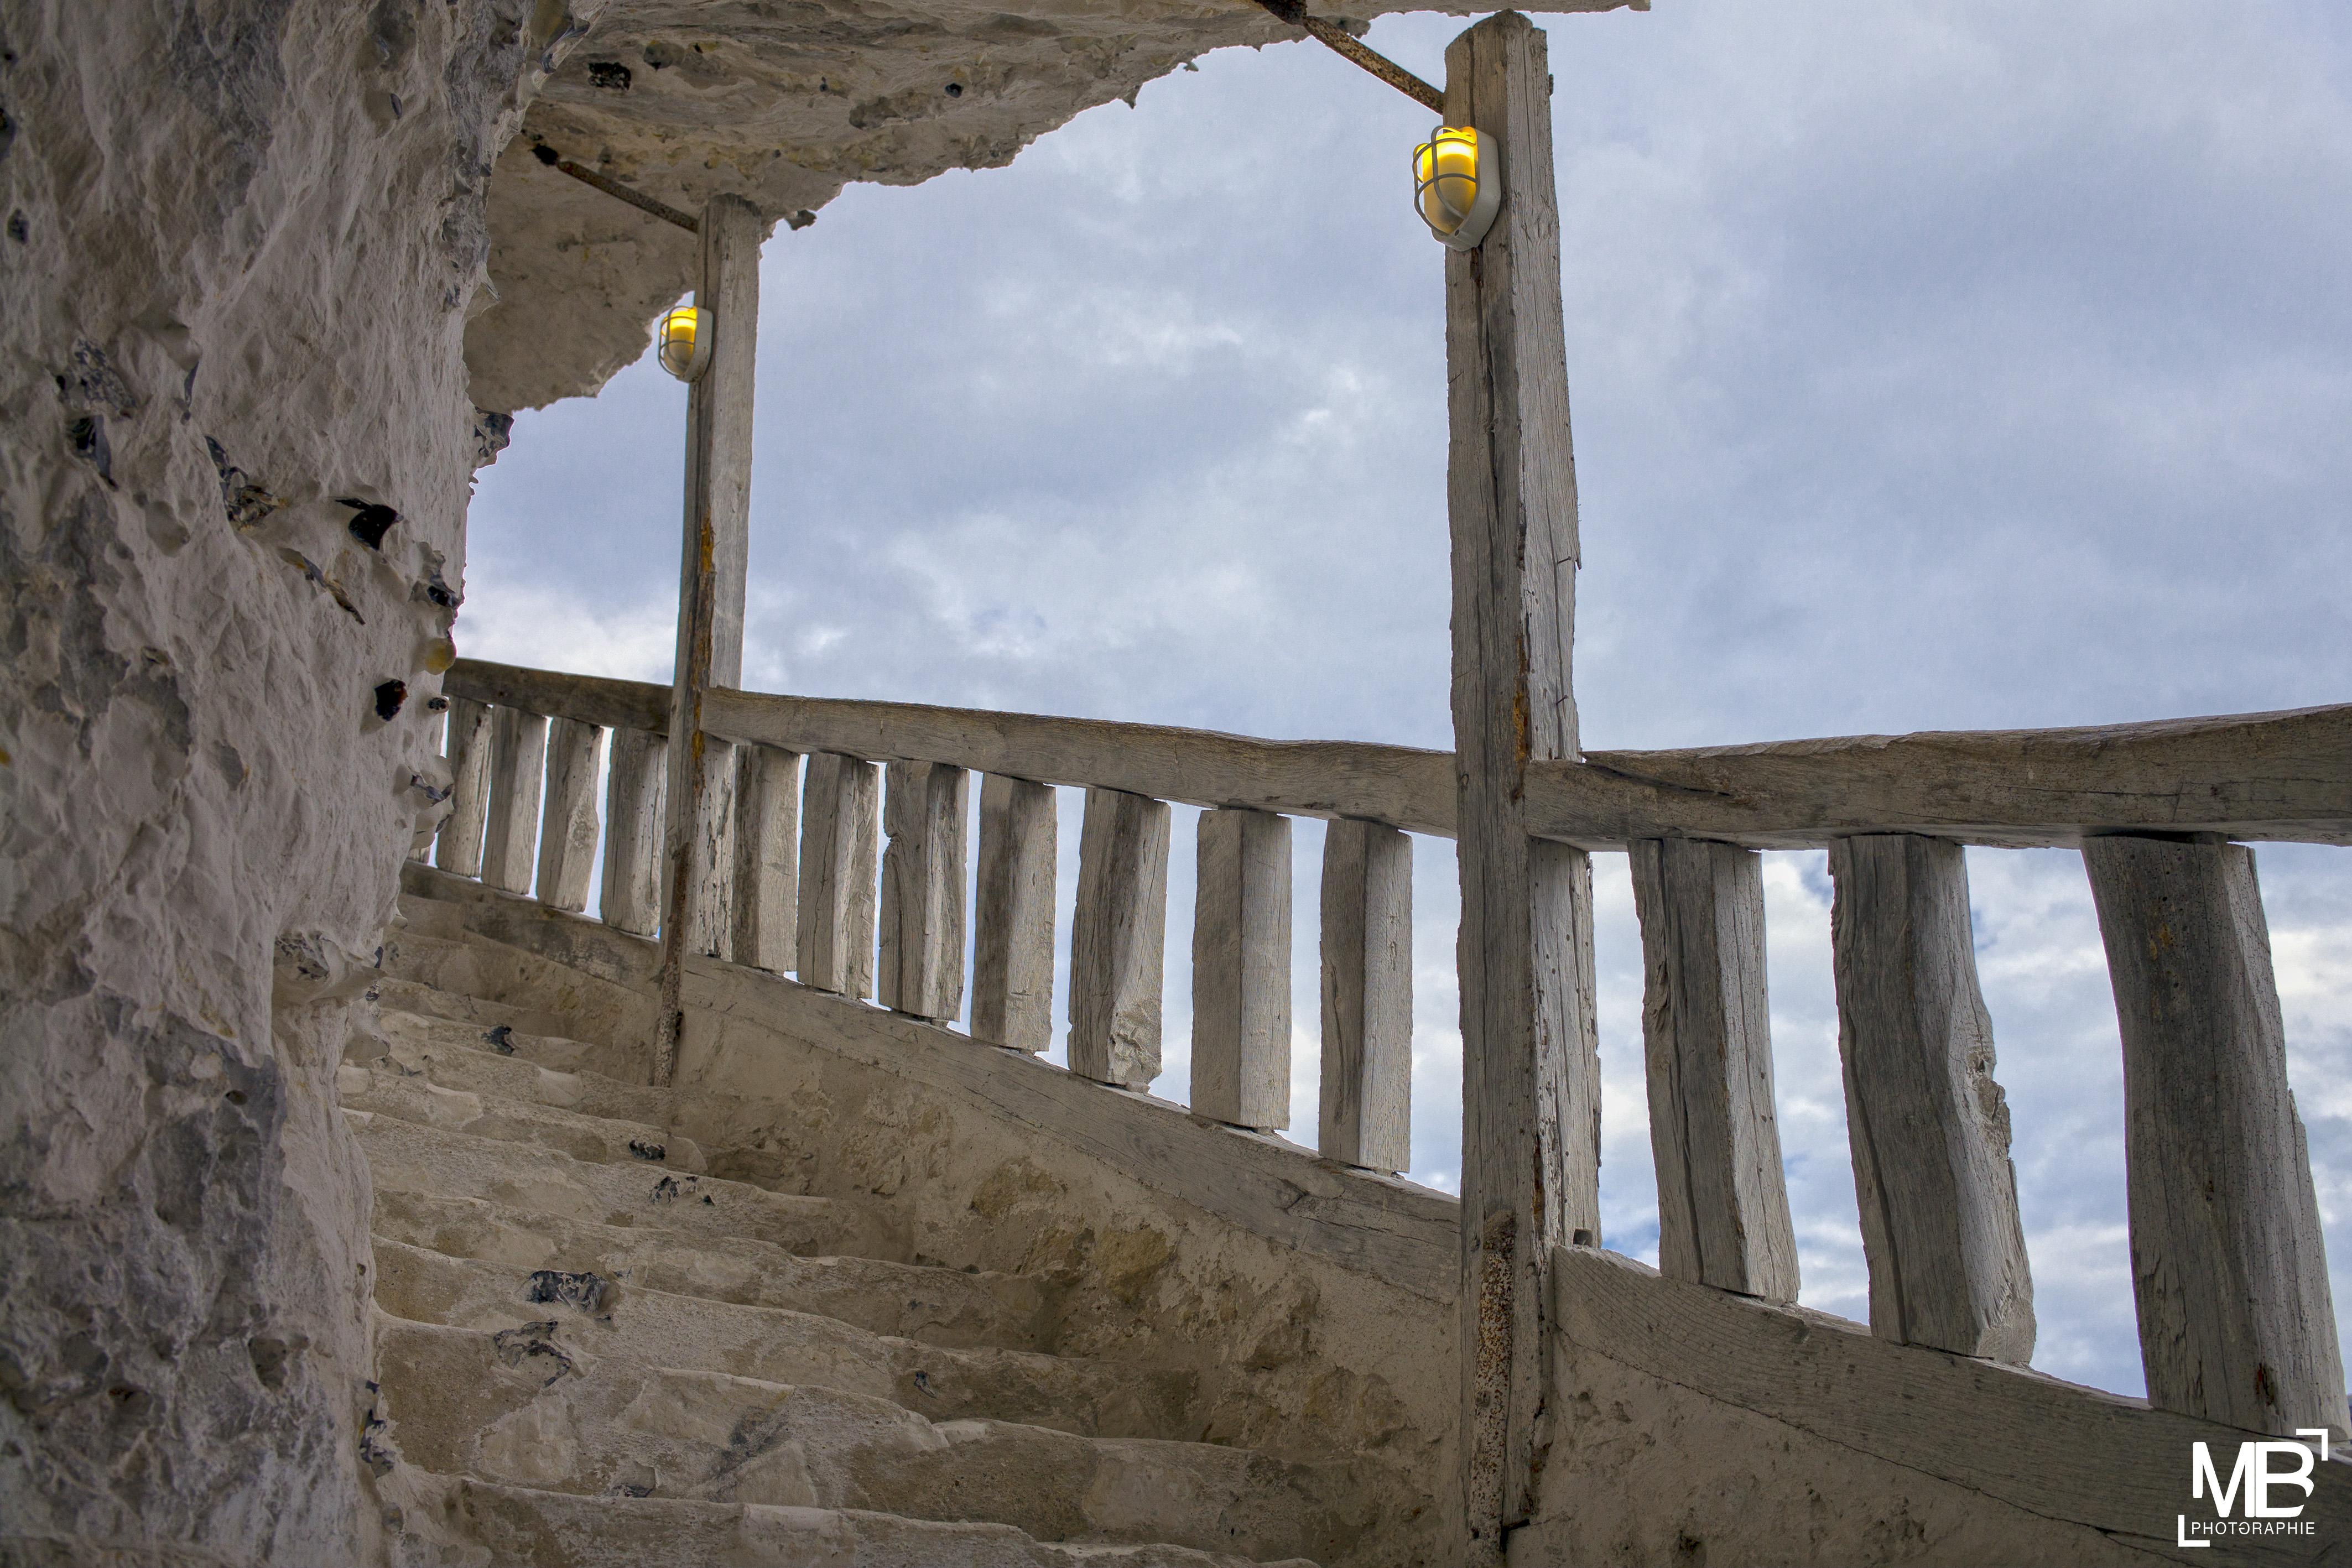 Escalier Val D Oise fond d'écran : leicamtype240, summiluxm35mmf14asph